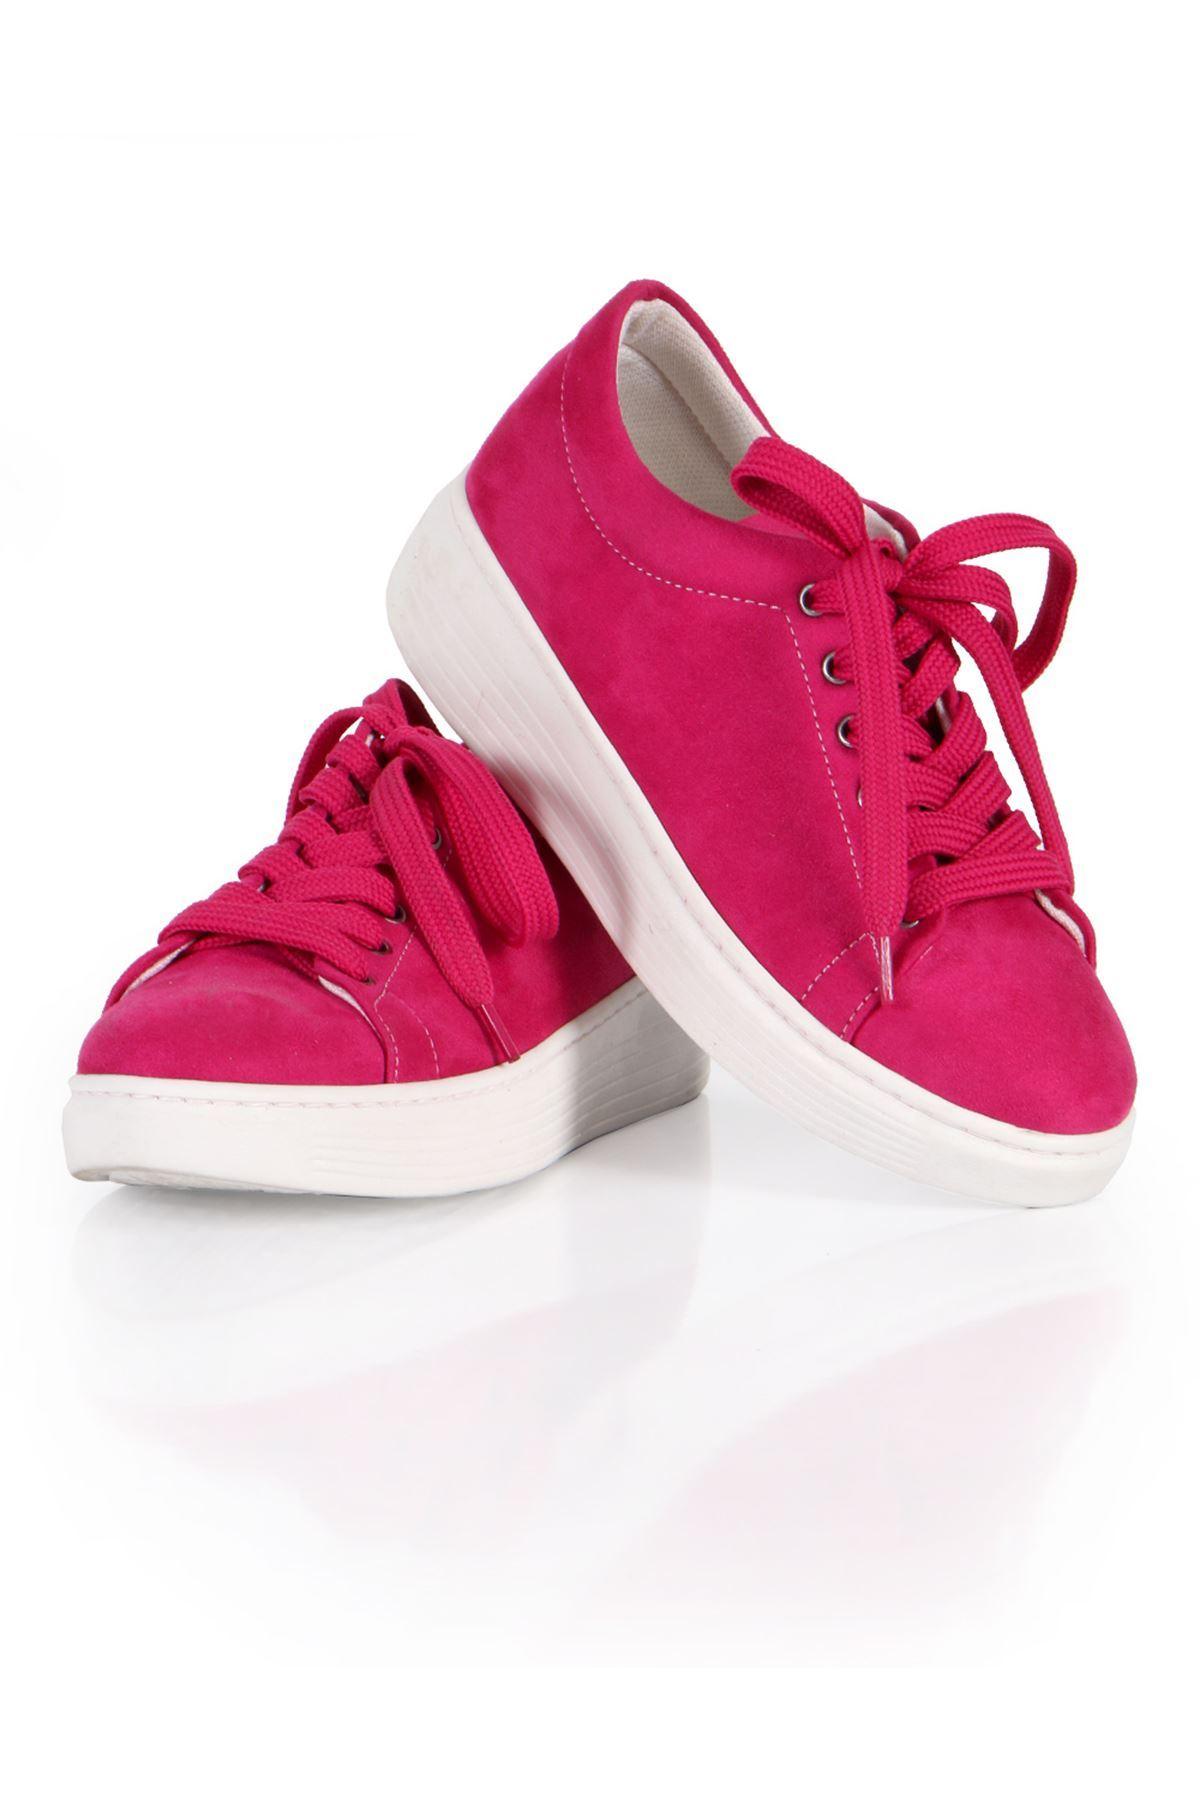 Pembe Süet Bağcıklı Spor Sneaker Ayakkabı